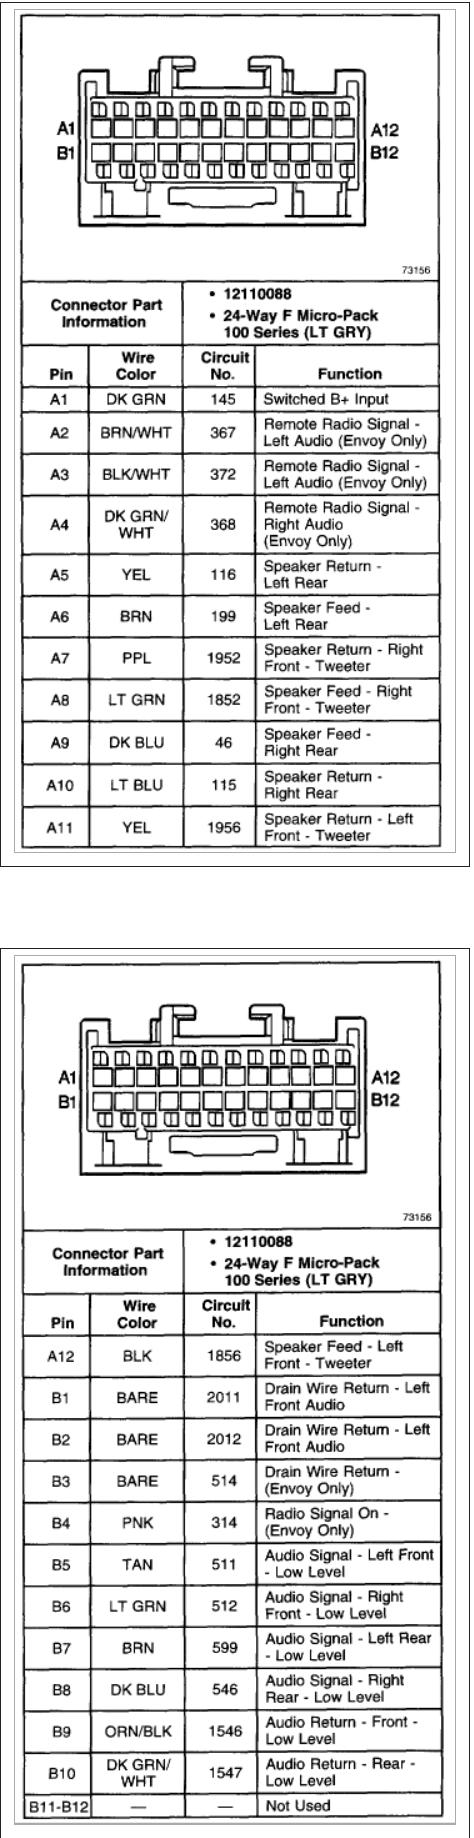 stereo wiring diagram for 2003 chevy silverado gmc envoy stereo wiring diagram wiring diagram data  gmc envoy stereo wiring diagram